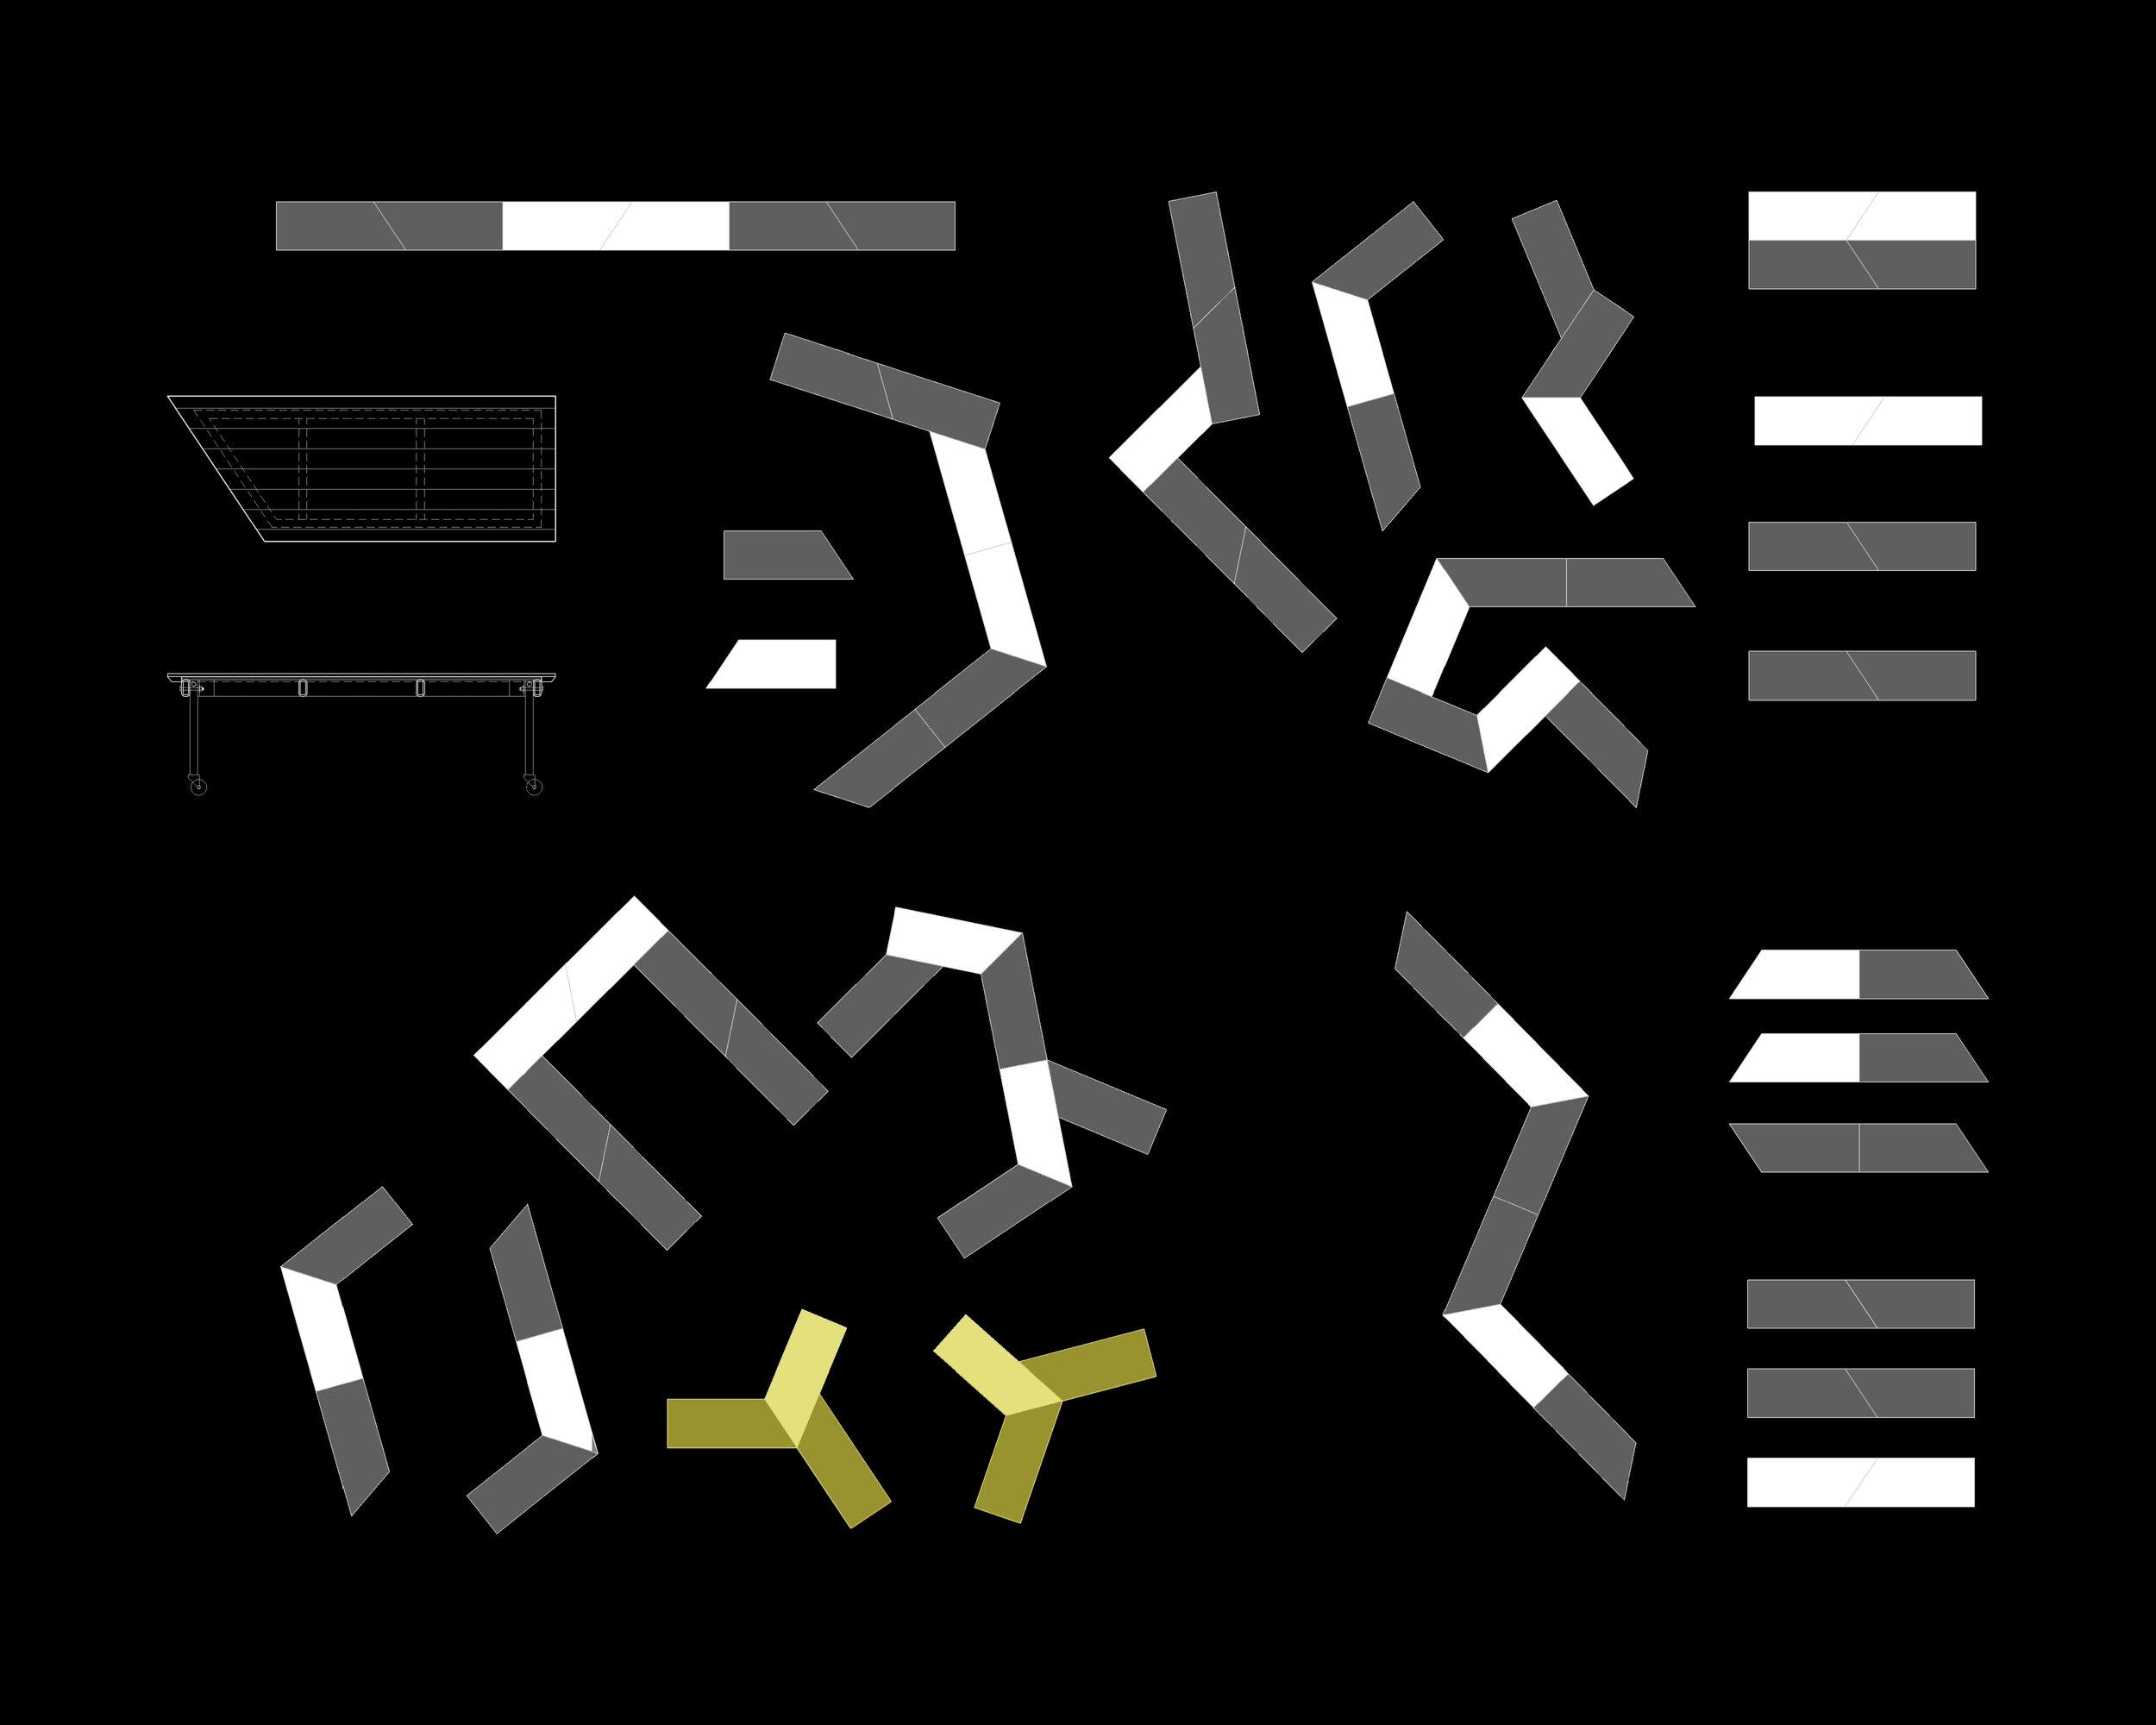 1635 Diskin Cider 360 tables arrangements Black Background.jpg